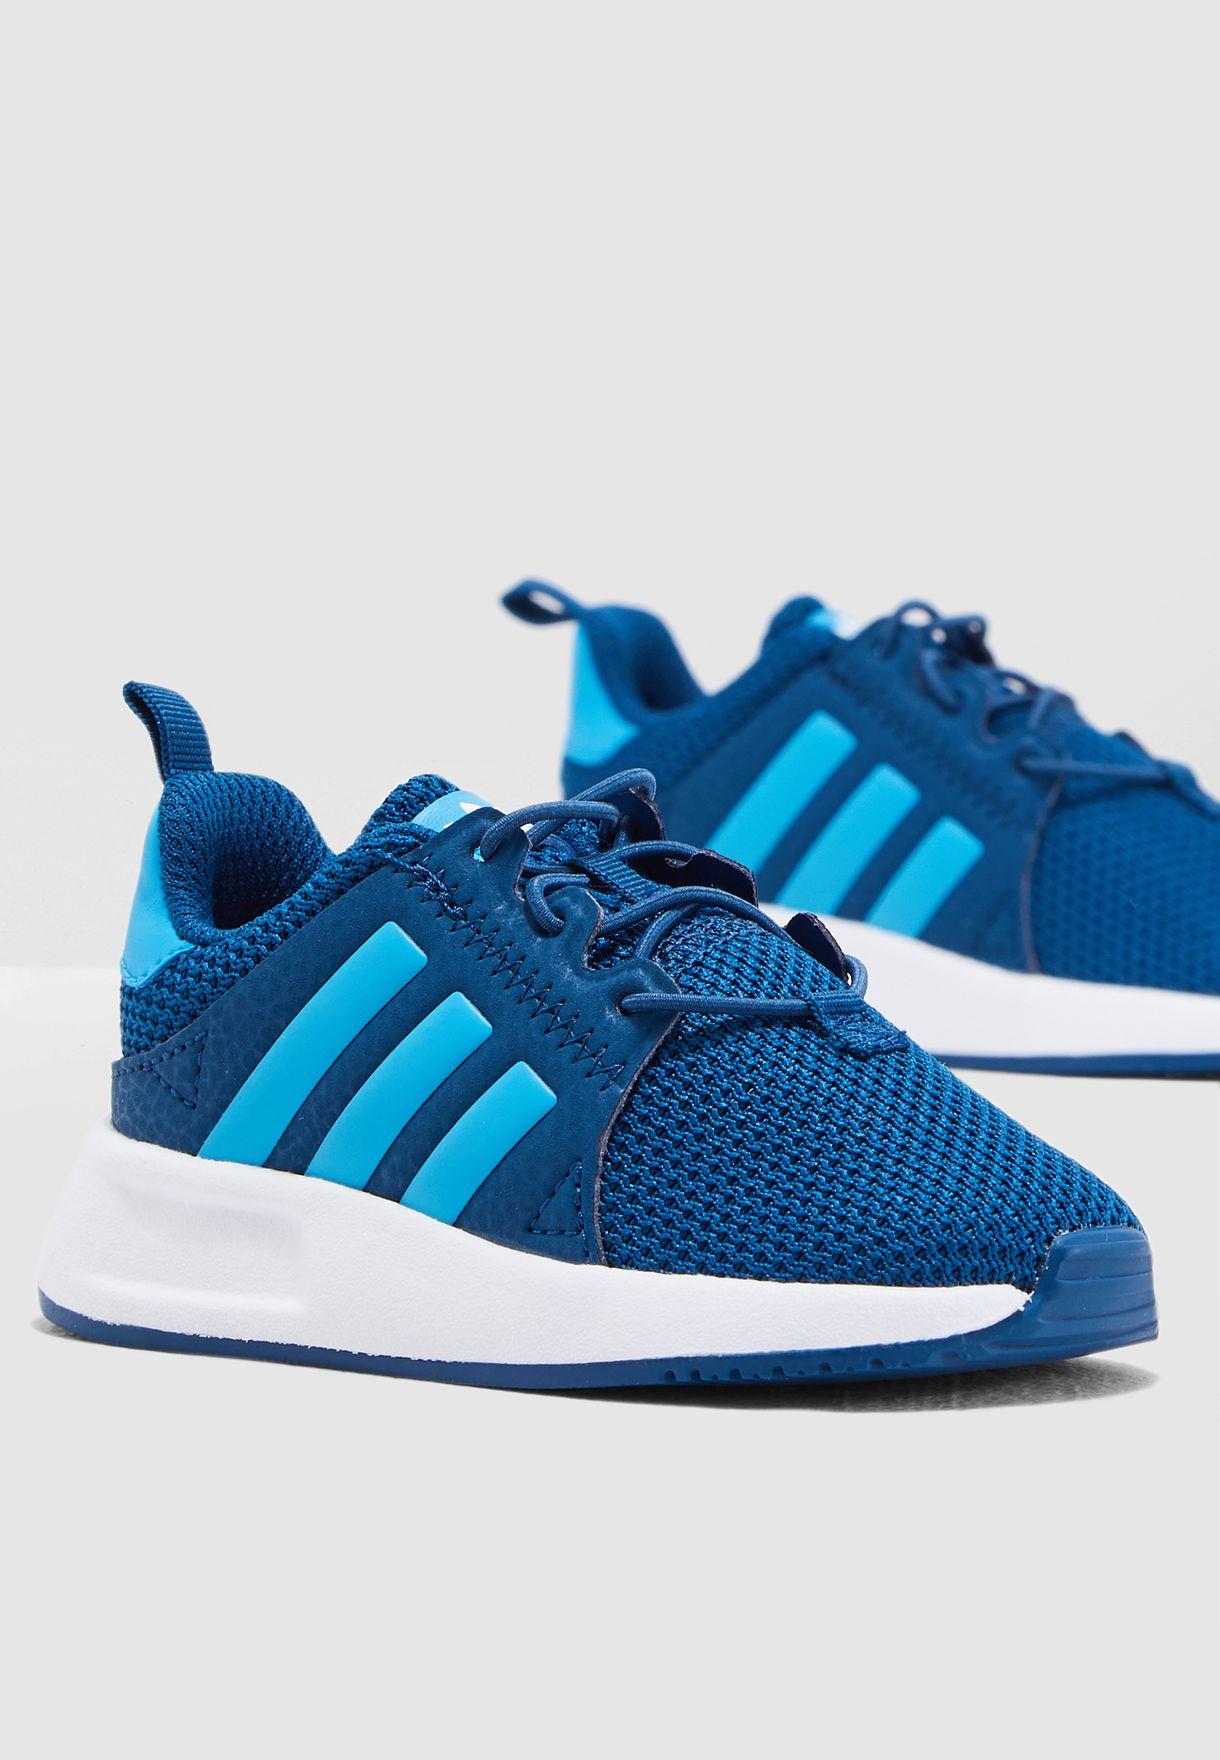 458054ea719c98 Shop adidas Originals blue Infant X PLR EL CG6834 for Kids in Saudi -  14448SH68KMP